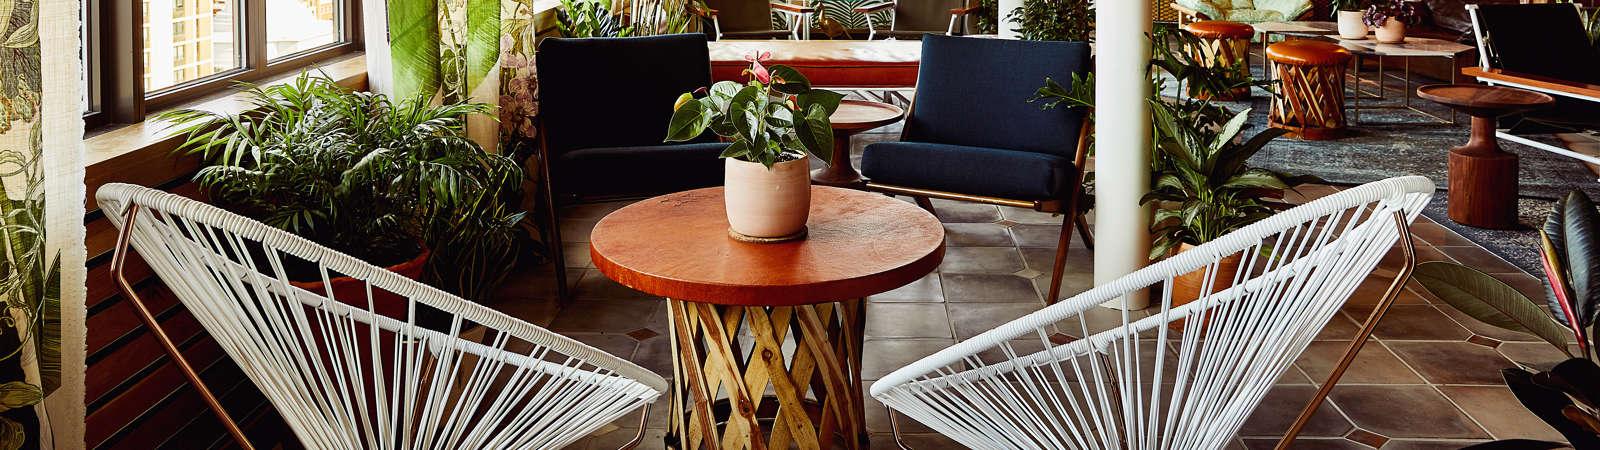 Revival_TopsideRestaurant_GardenRoomAerial